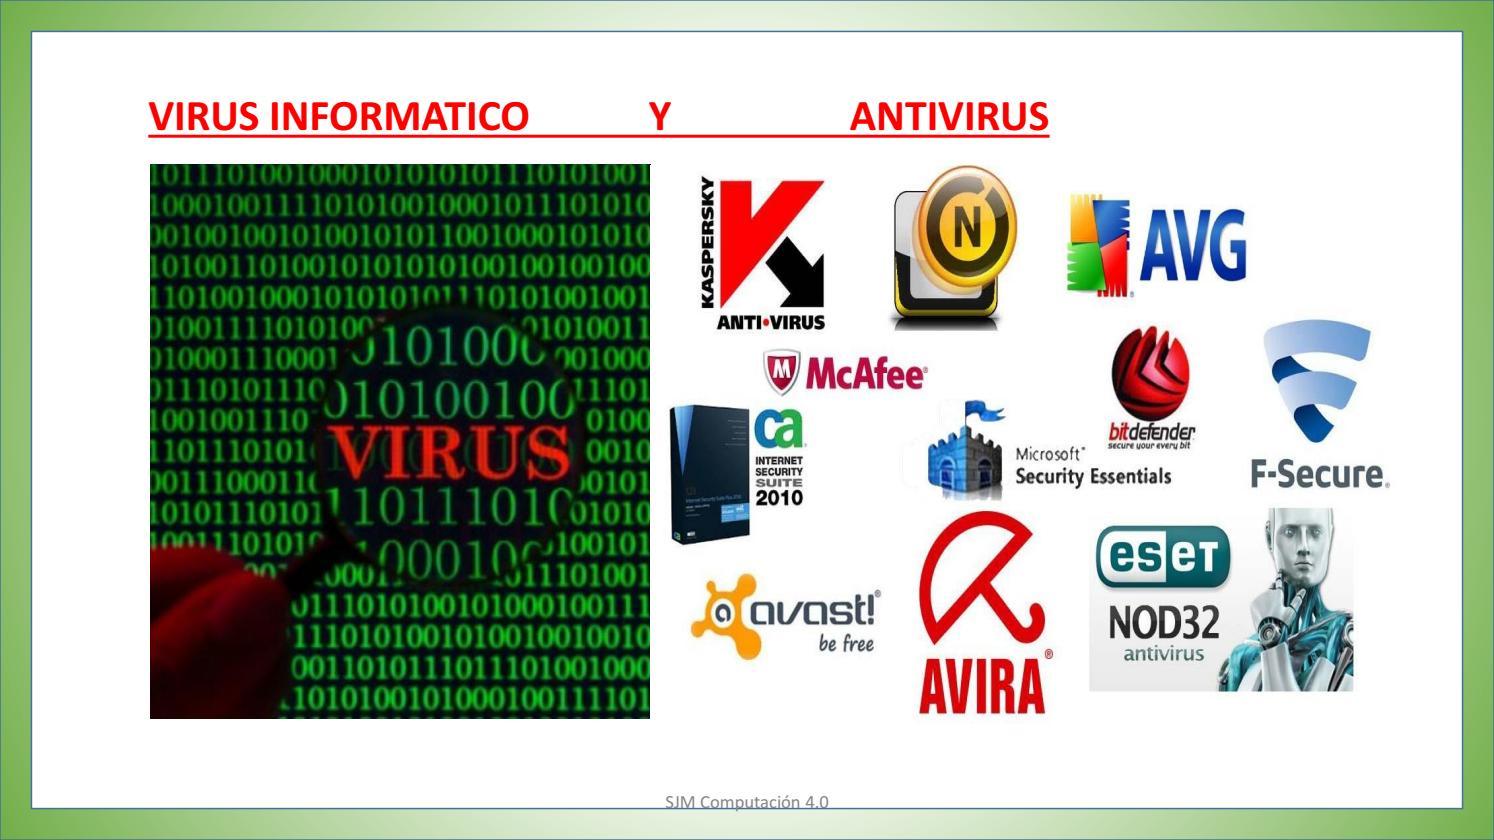 que significa el nombre virus informático